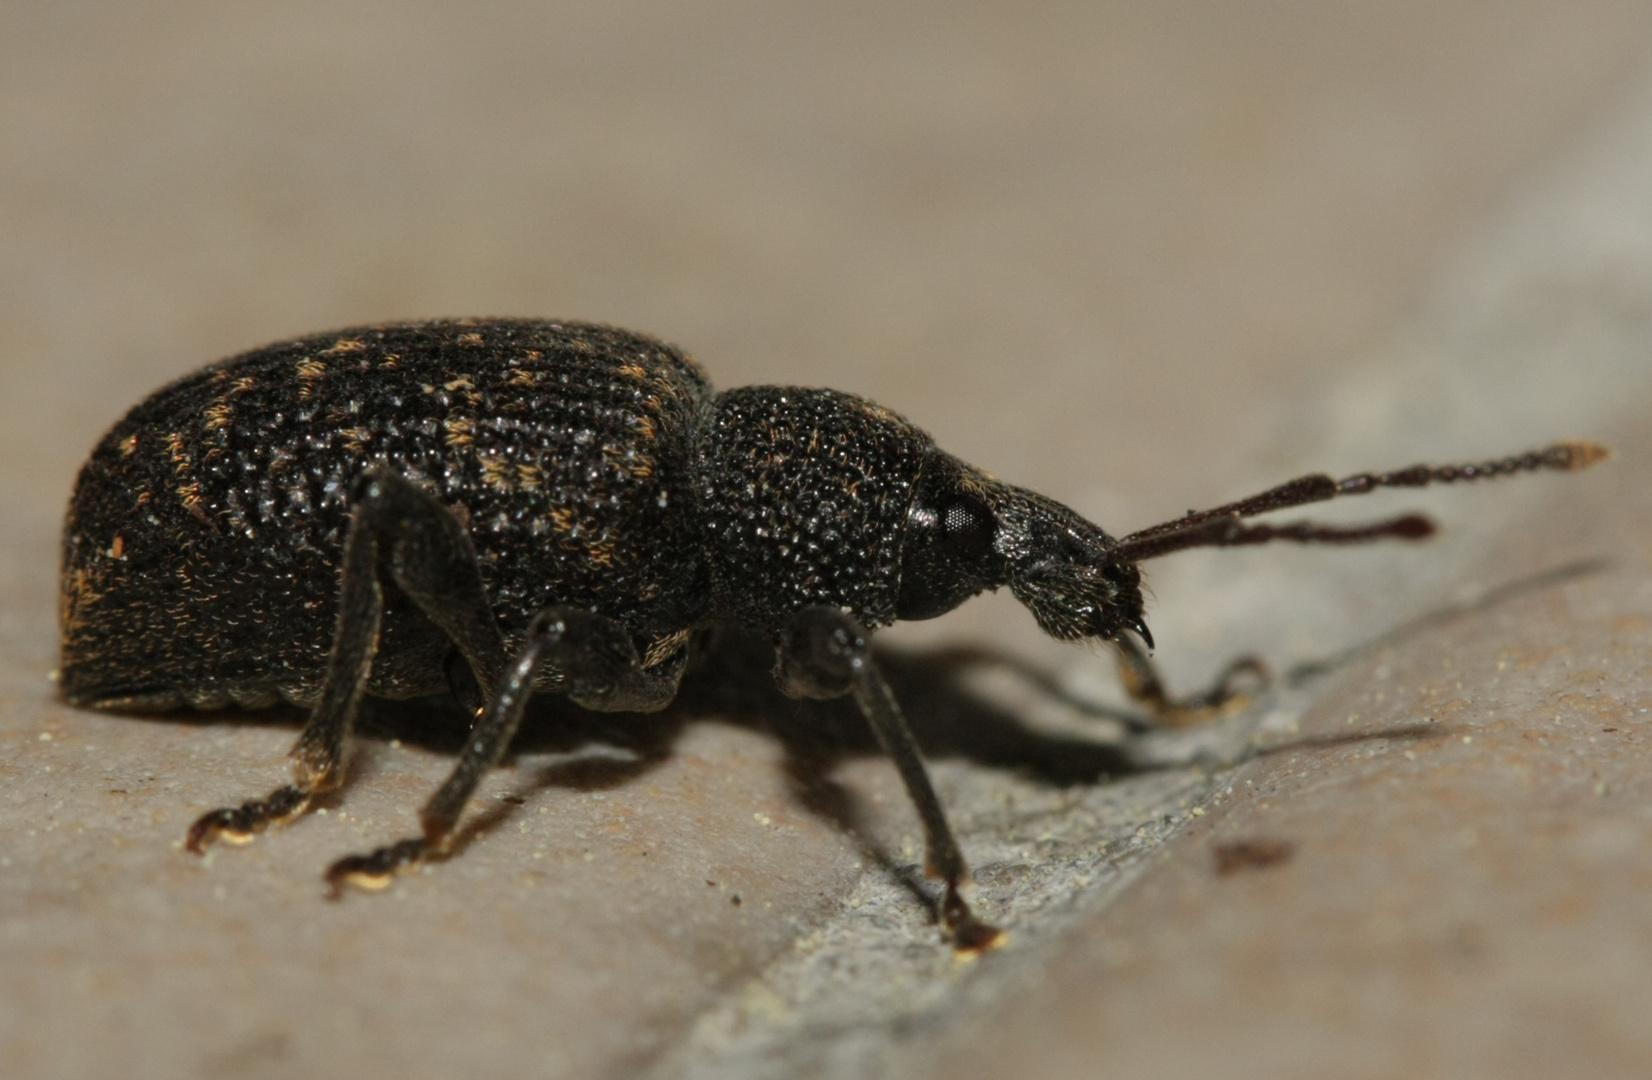 brauner rüsselkäfer